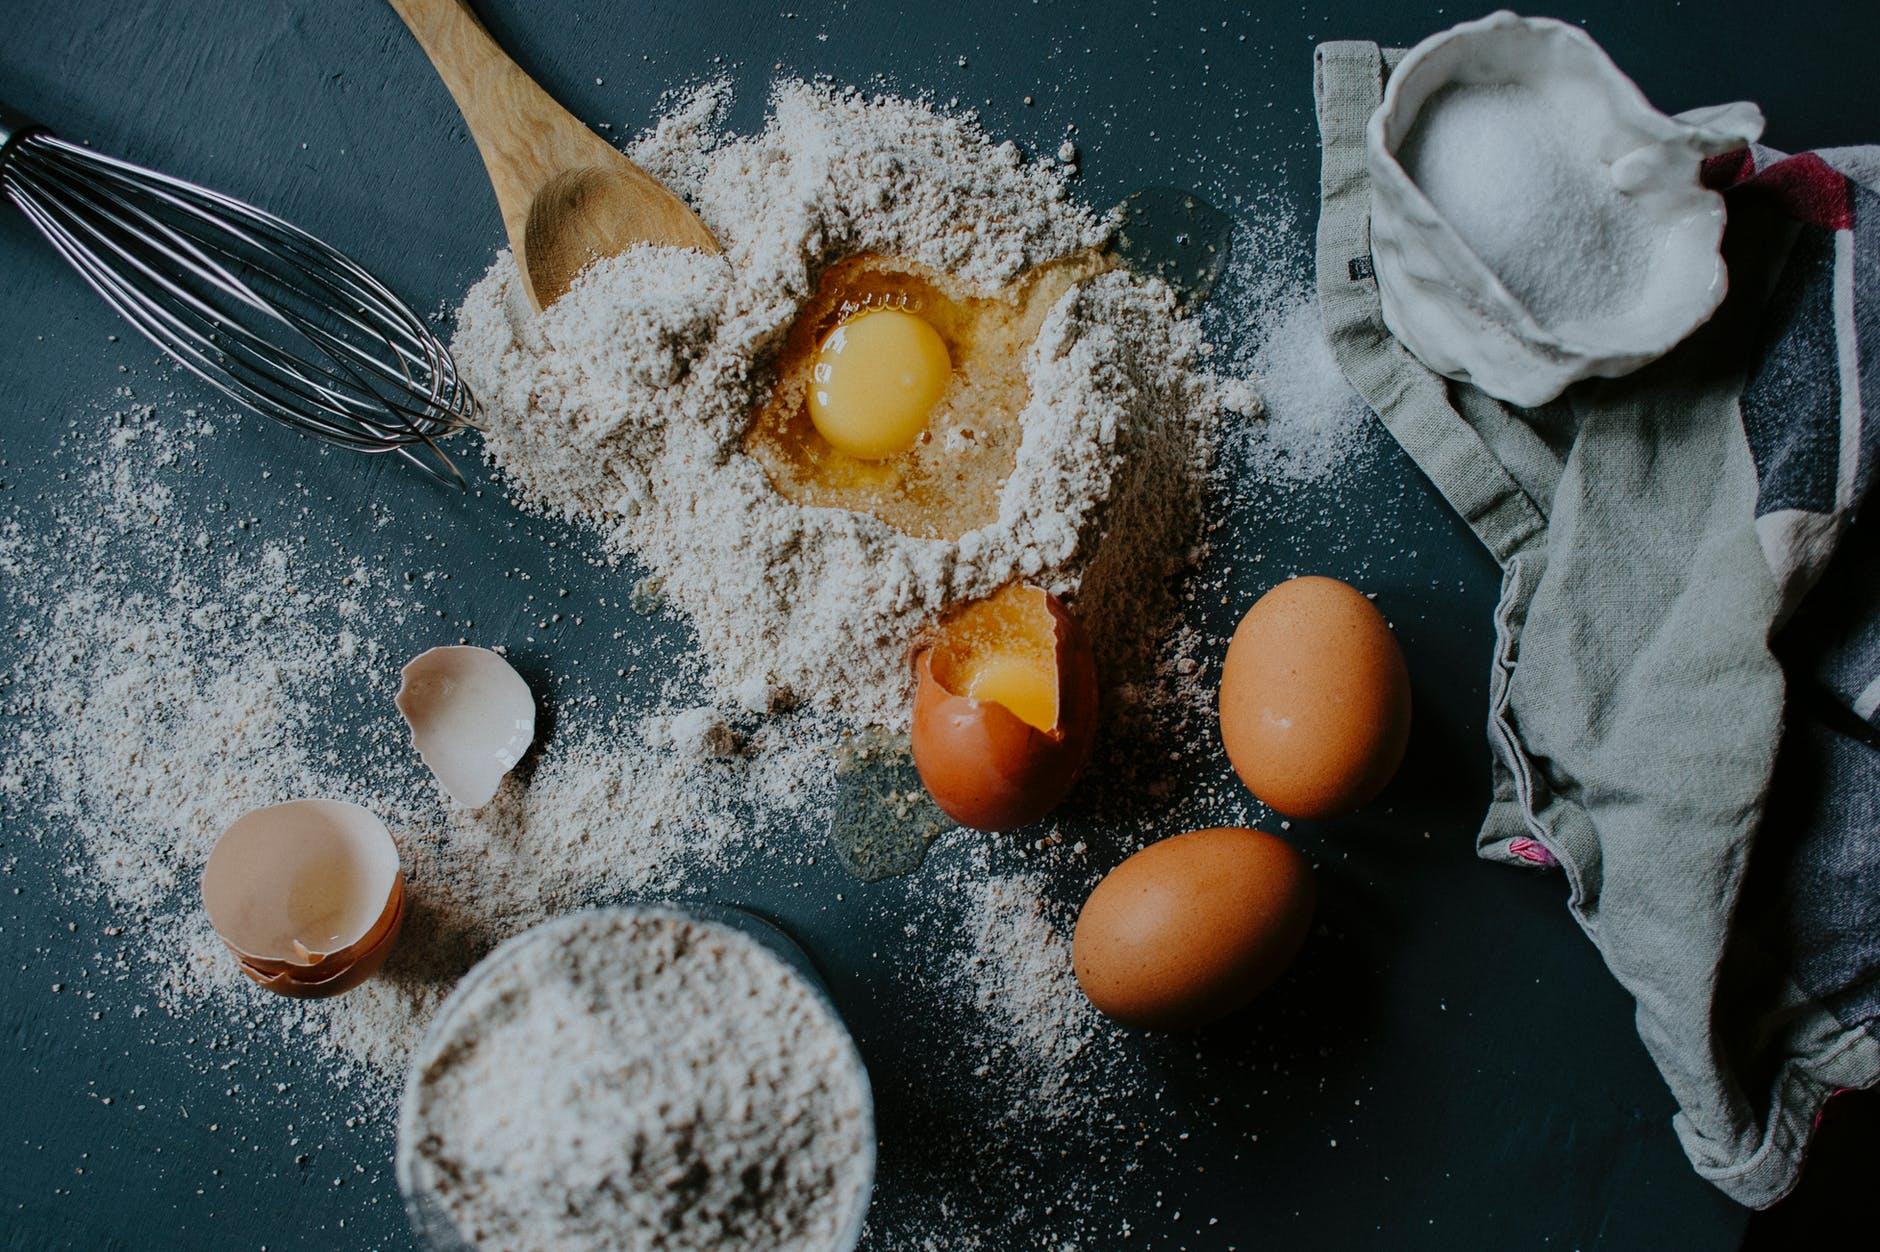 Manfaat Kesehatan Dari Makan Telur